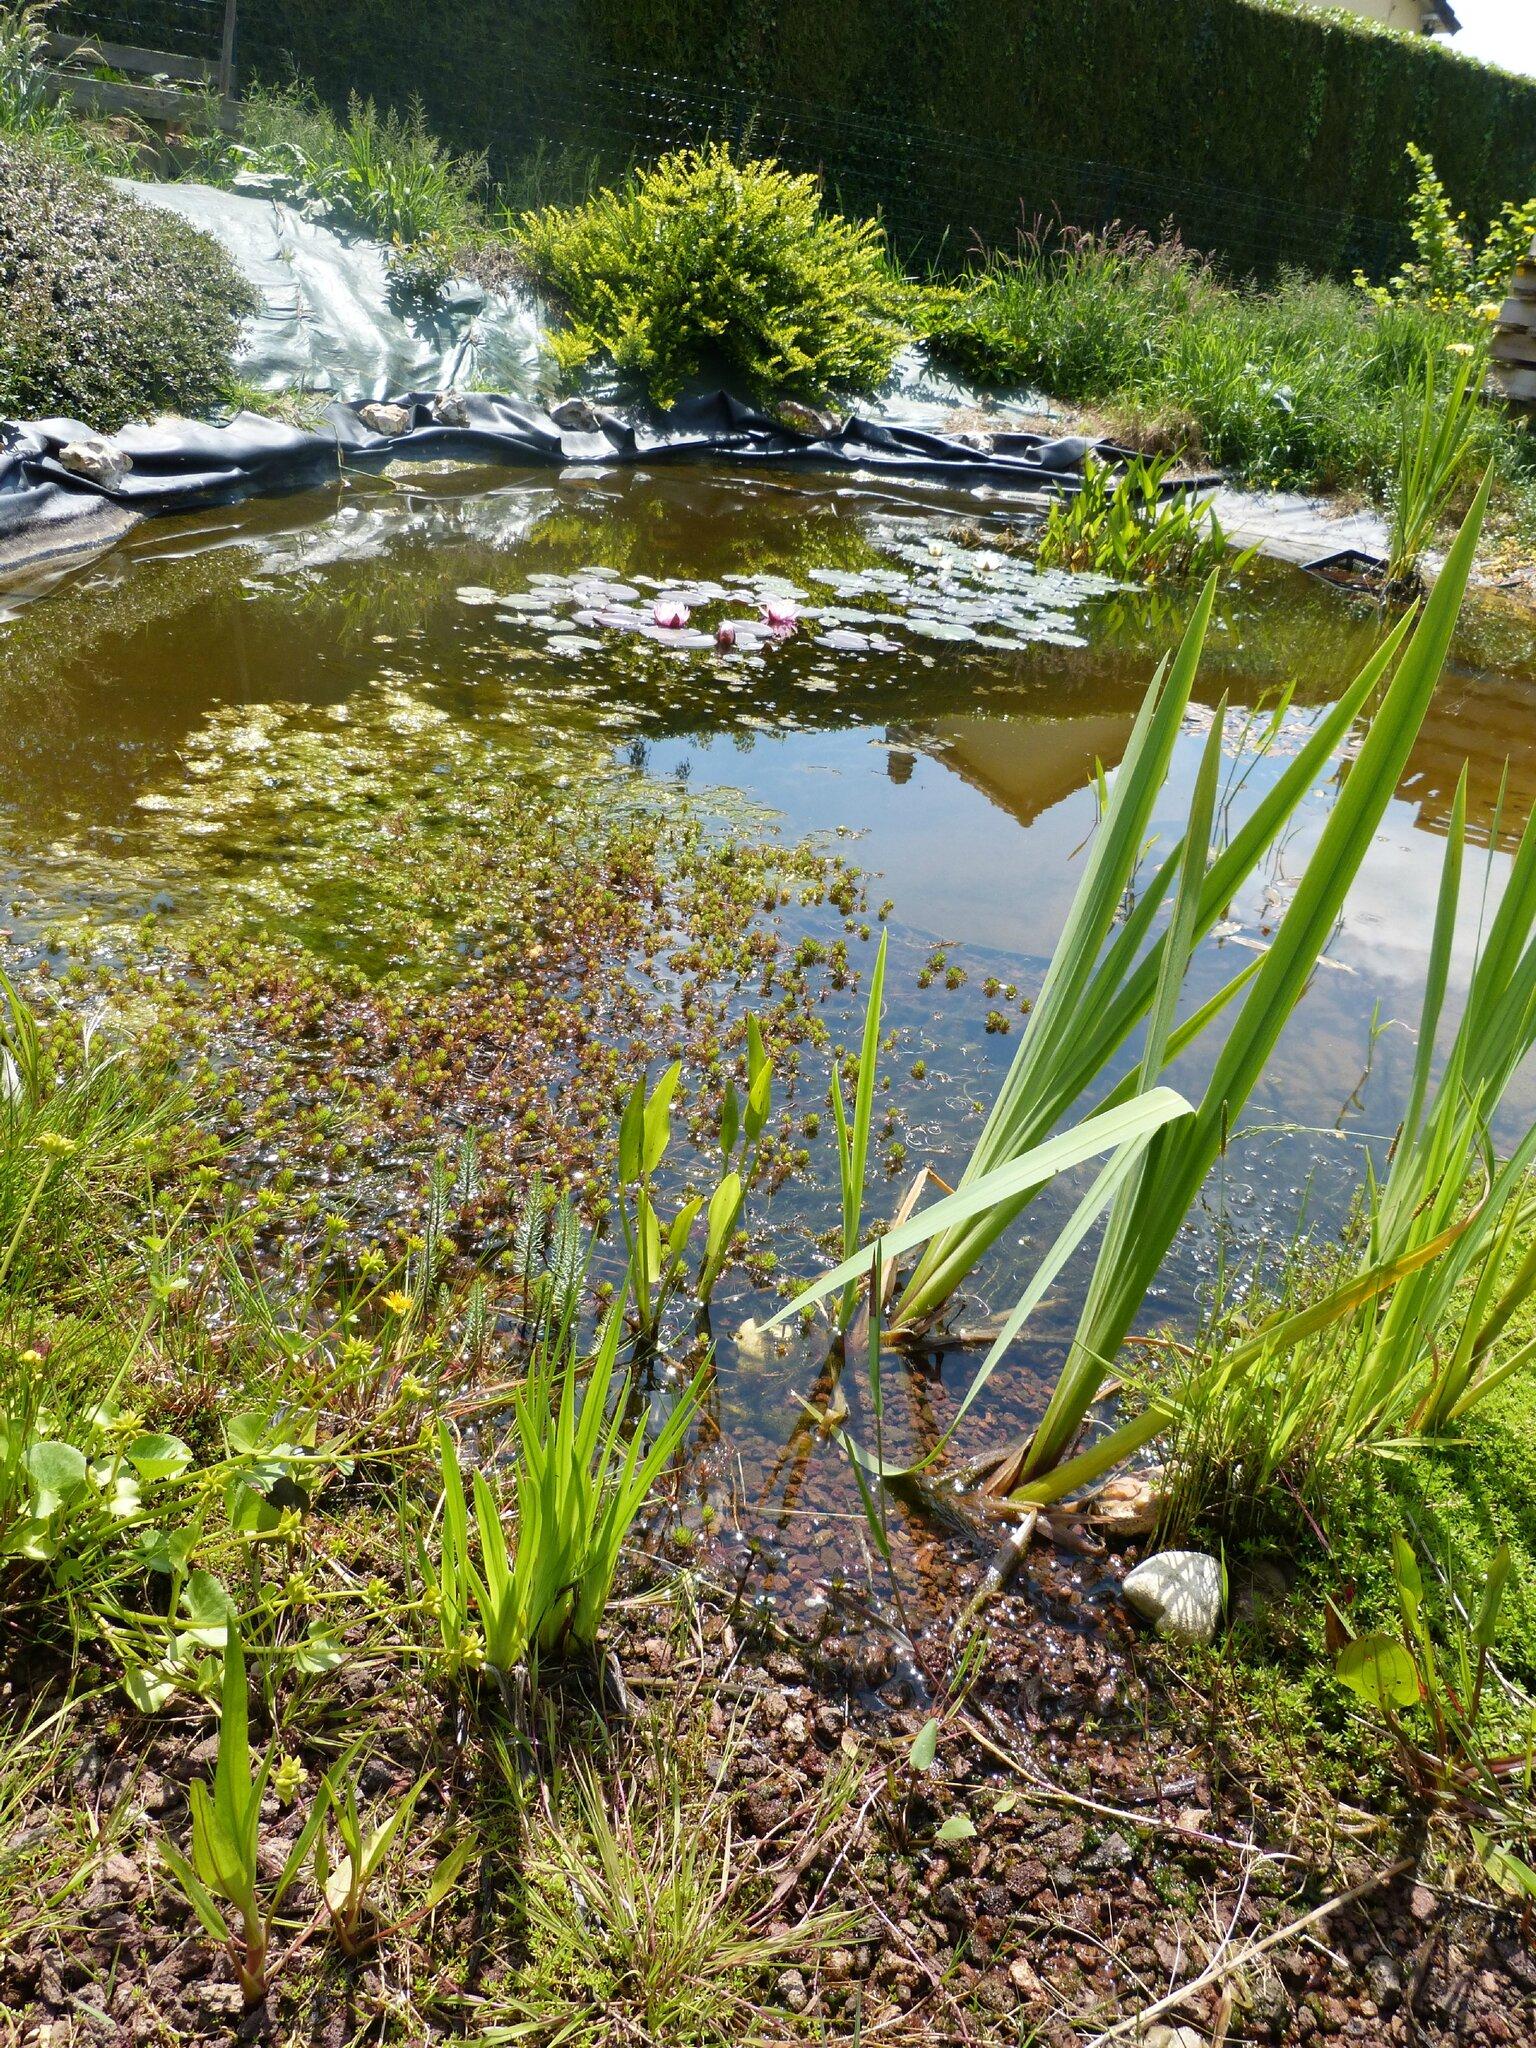 Le bassin mai 2015 notre jardin ecologique for Jardin mai 2015